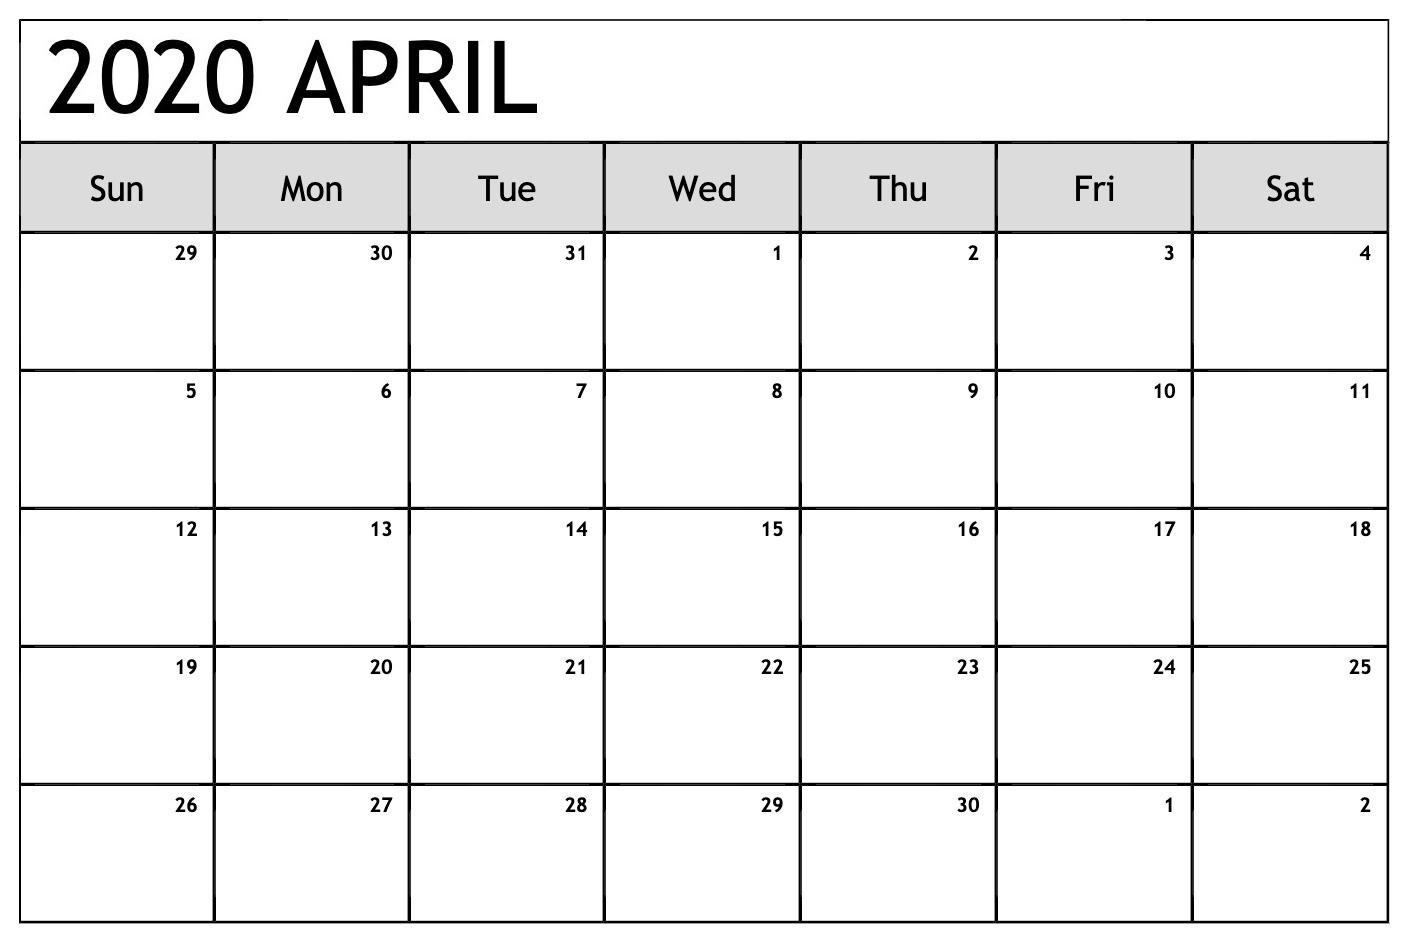 April 2020 calendar with holidays  |April 2020 Calendar